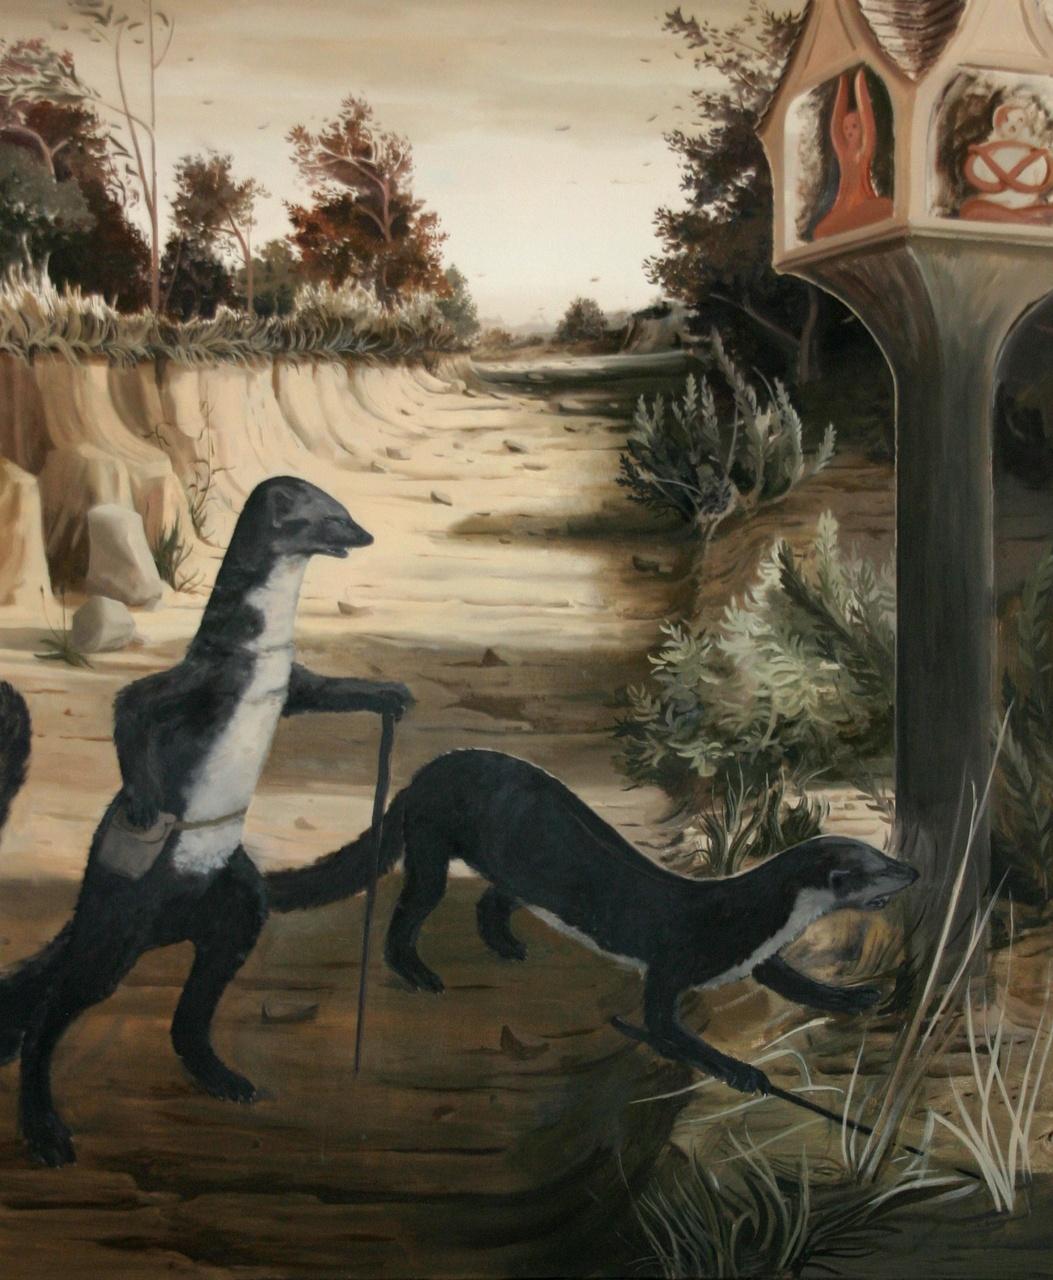 TB die Pilger 2005 oil on canvas 180x150cm_gross.jpg